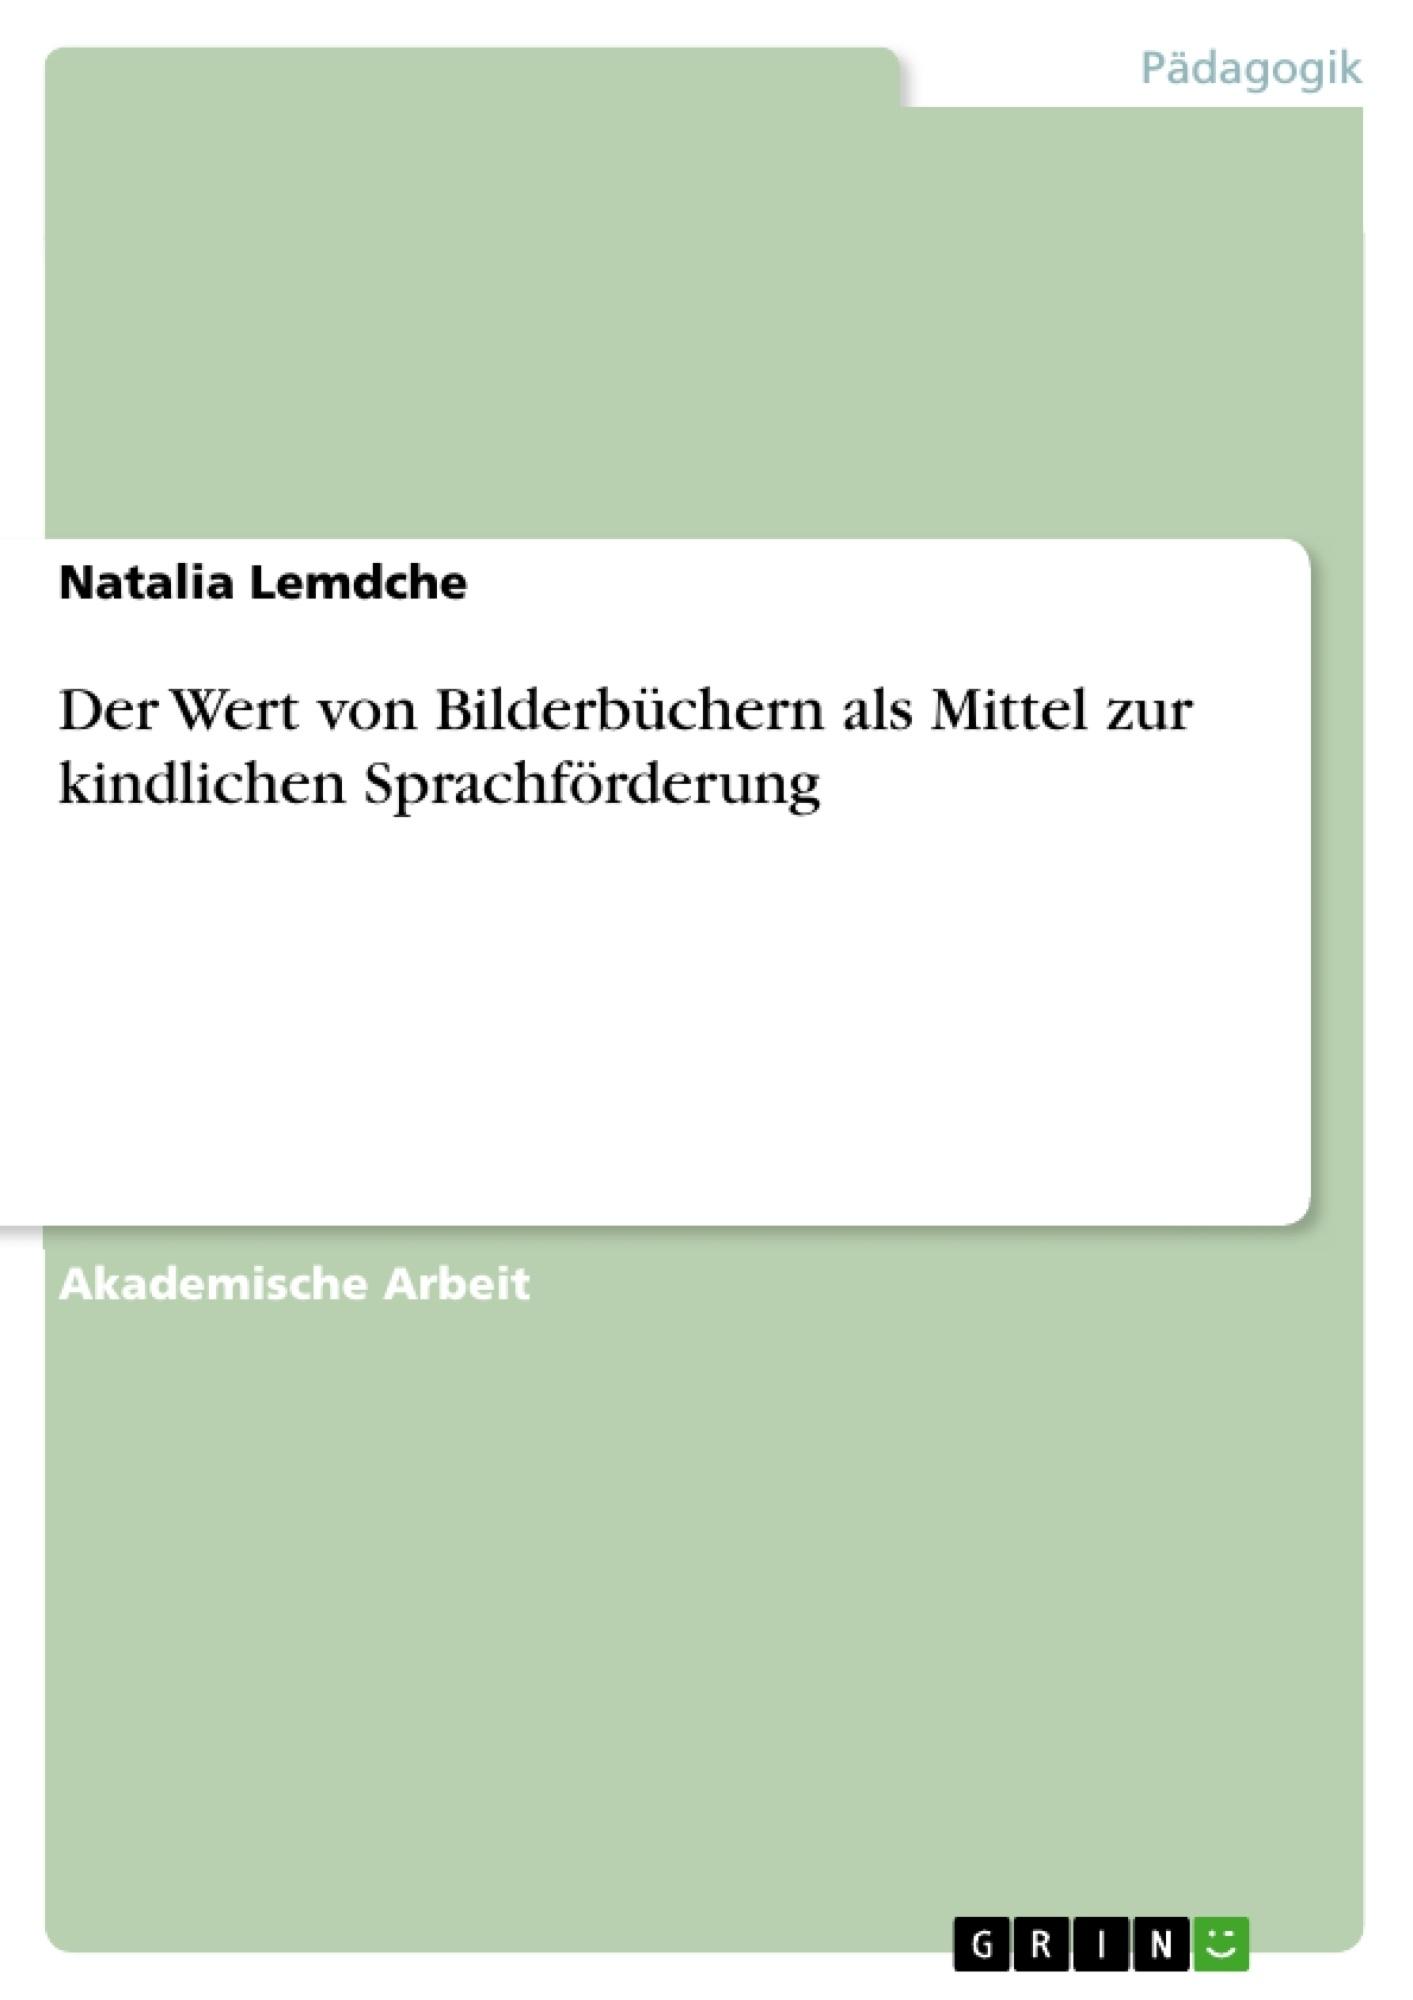 Titel: Der Wert von Bilderbüchern als Mittel zur kindlichen Sprachförderung